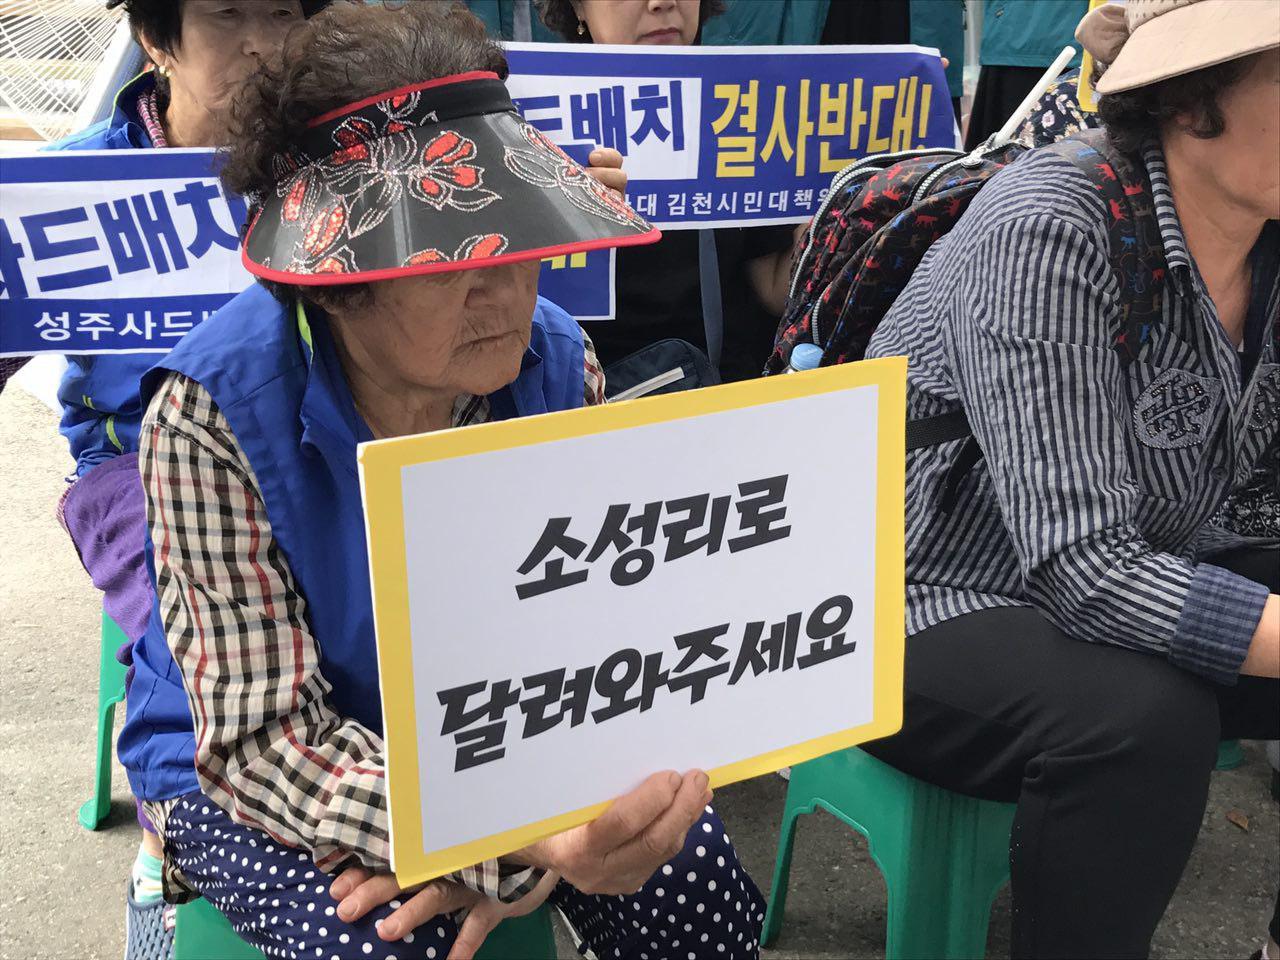 사드 발사대 추가 배치 저지를 위한 국민비상행동 시작 기자회견에서 피켓을 들고 있는 소성리 주민